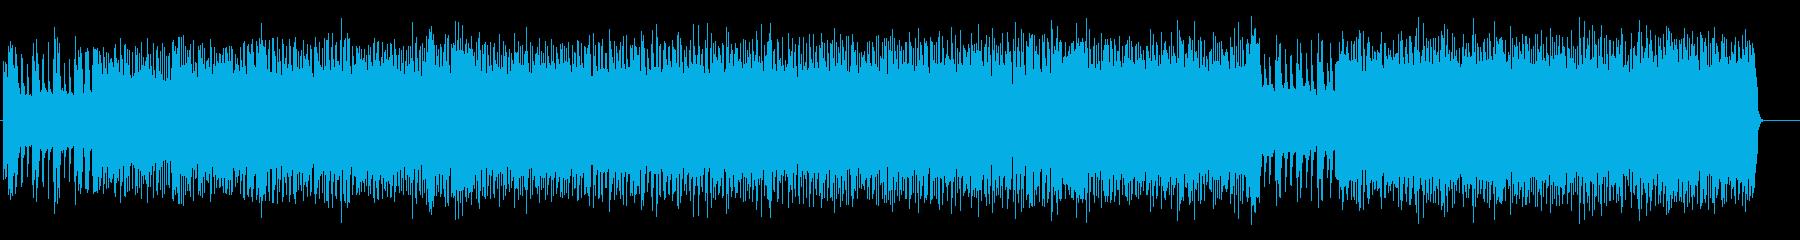 アメリカンロック/ポップ(フルサイズ)の再生済みの波形